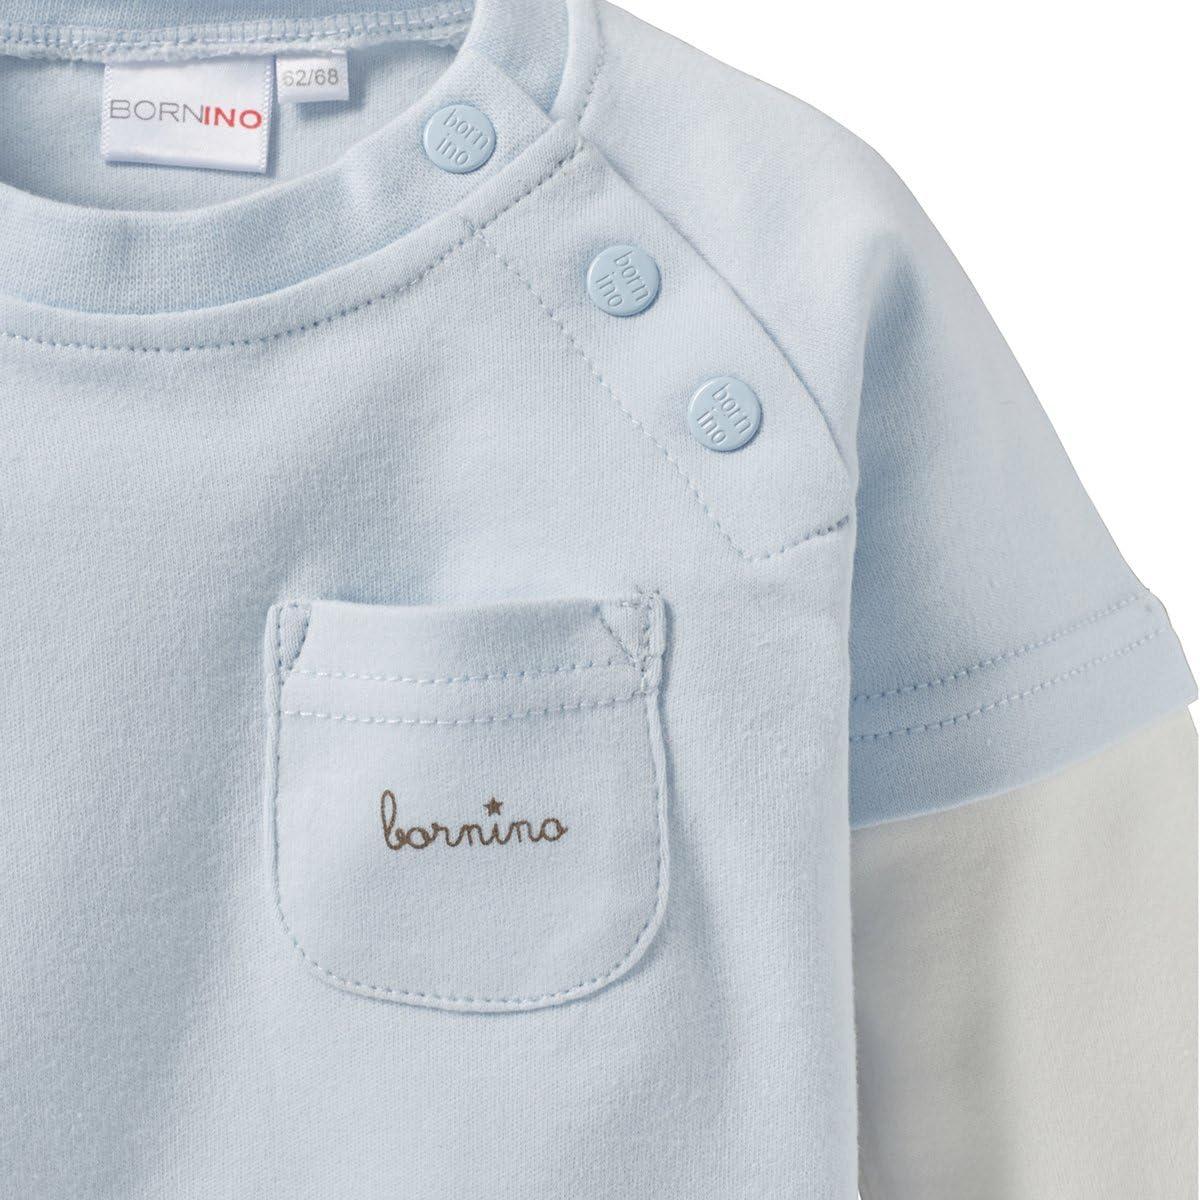 blau Bornino Basics Schlafanzug lang Wolken Baby-Pyjama mit Langarmshirt /& Hose mit aufgen/ähter K/ängurutasche /& fixiertem Einschlagbund